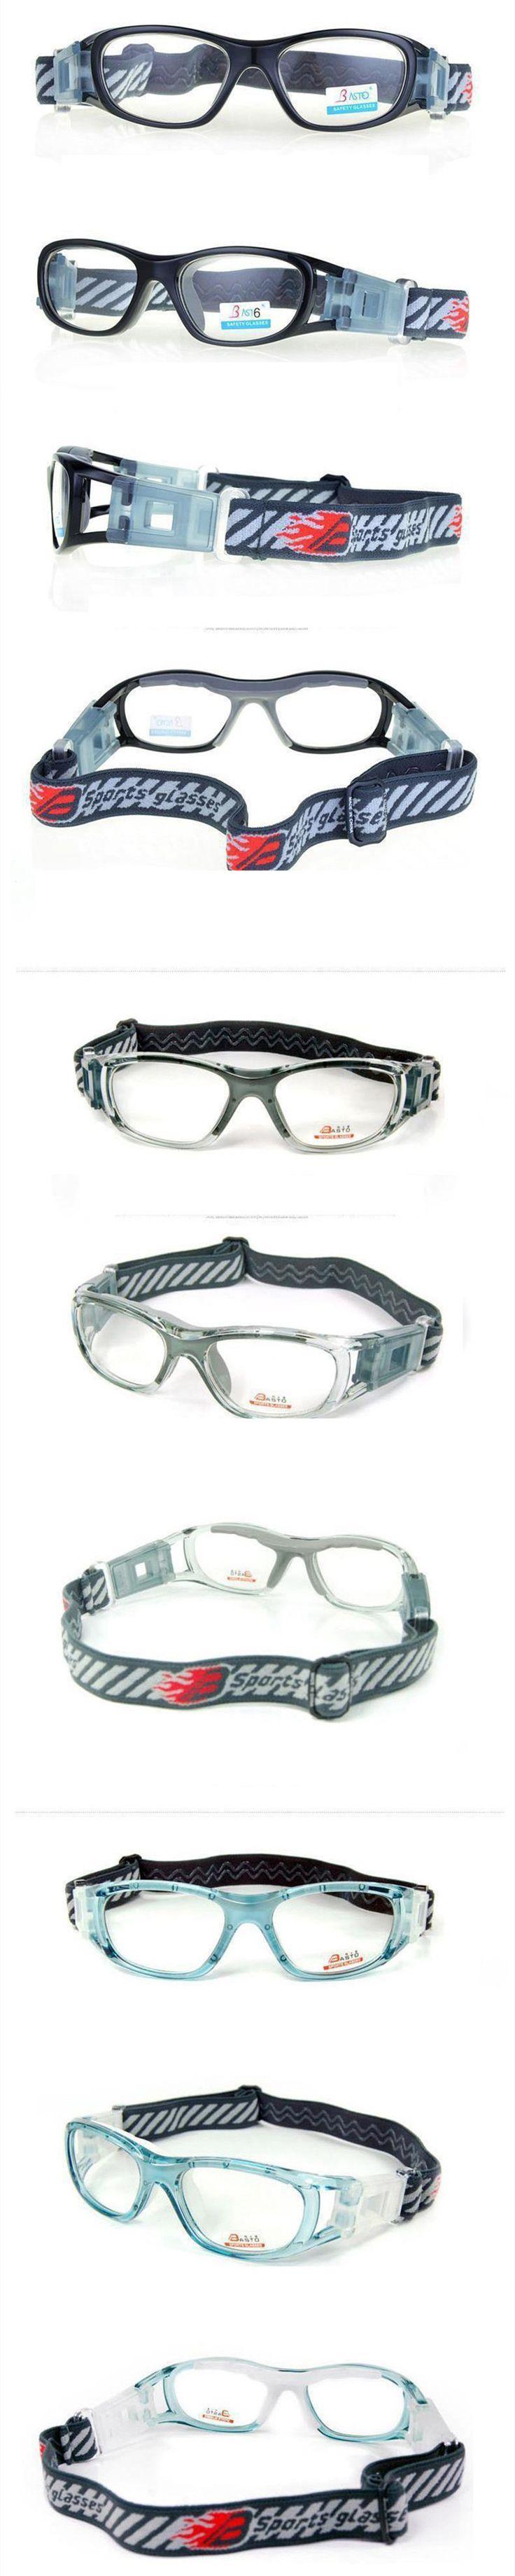 サッカーブランド正規品小さいフレームバスケスポーツメガネ